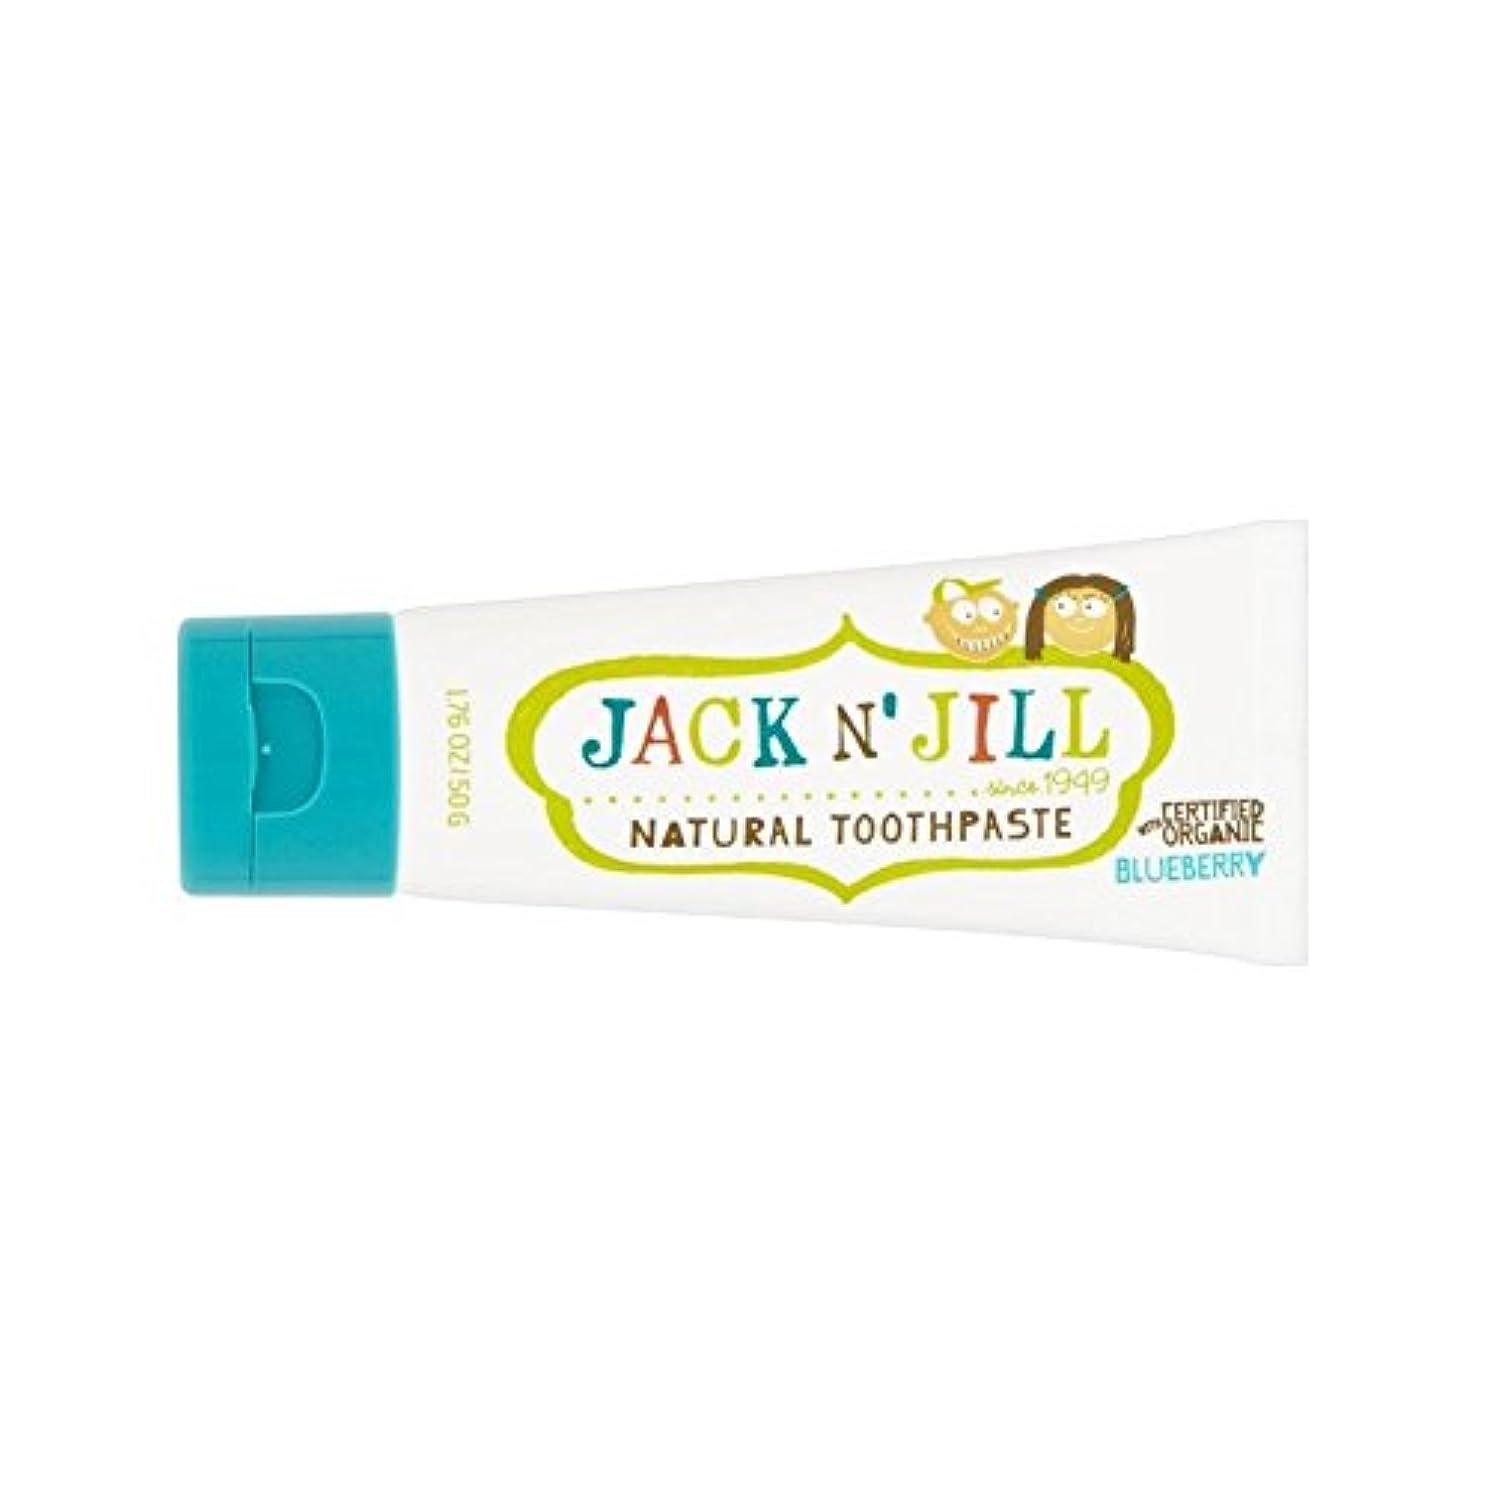 リラックスシャイニング銀河有機香味50グラムとの自然なブルーベリー歯磨き粉 (Jack N Jill) (x 2) - Jack N' Jill Blueberry Toothpaste Natural with Organic Flavouring...